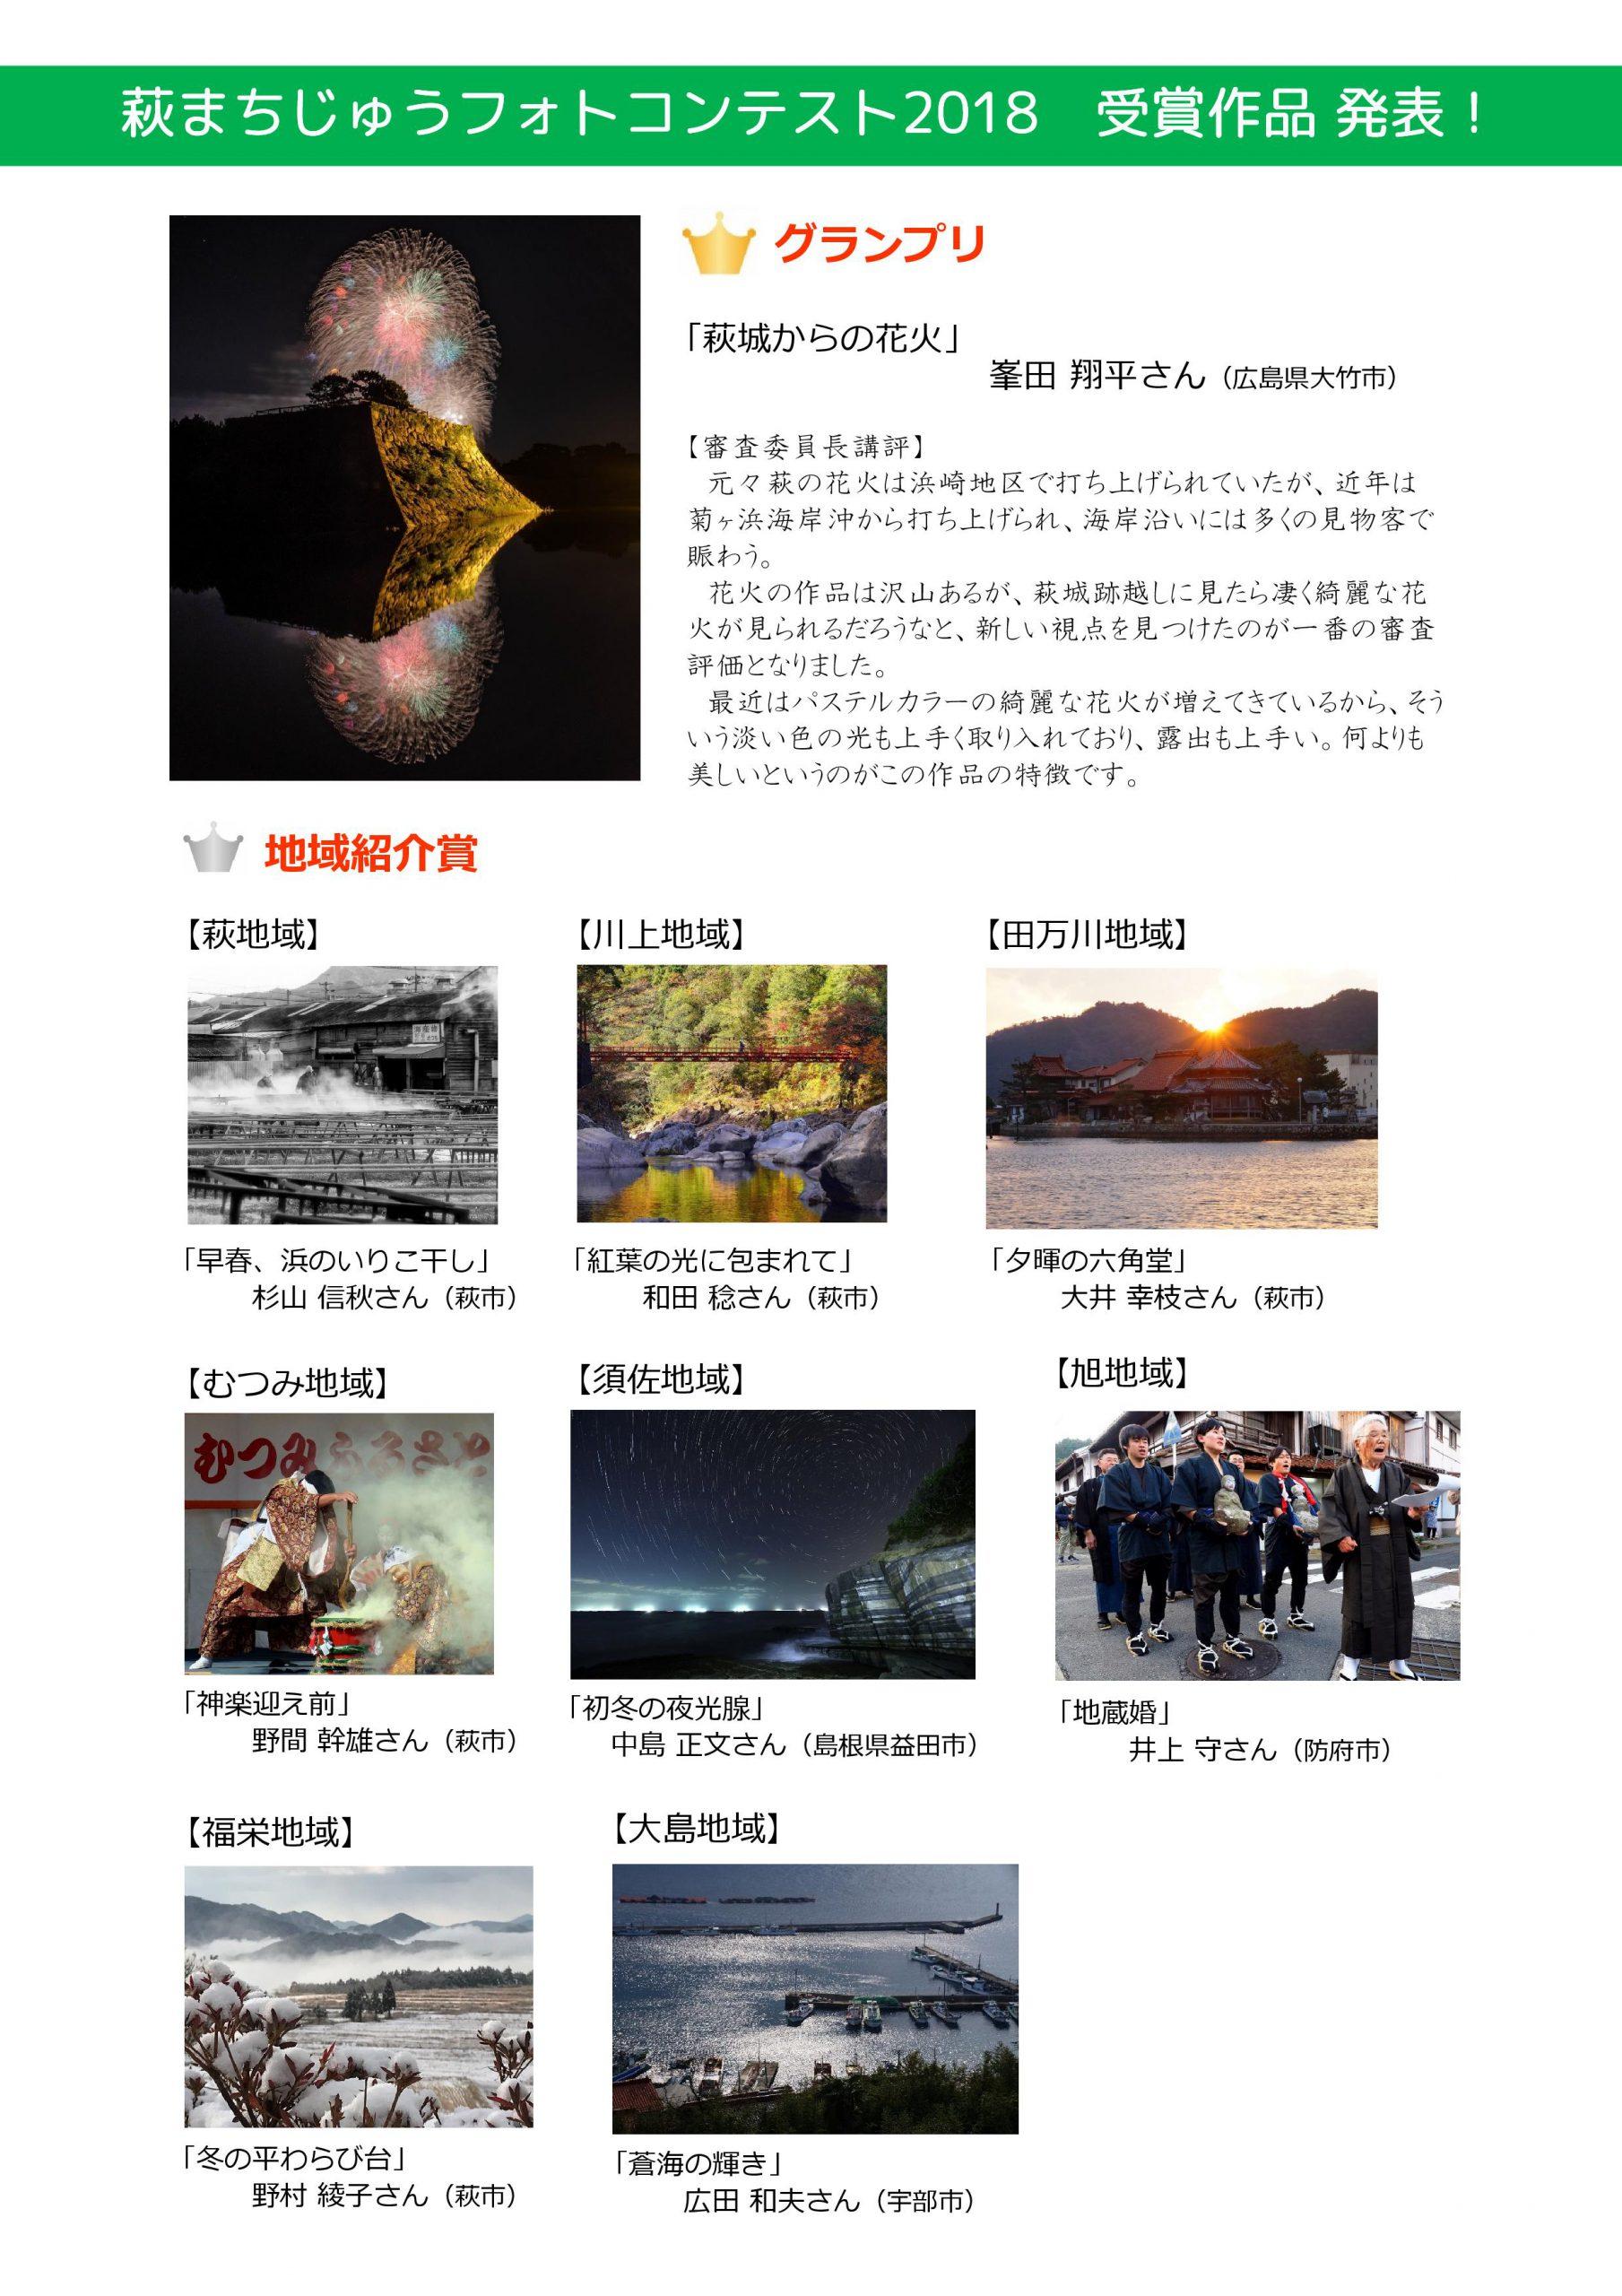 画像:萩まちじゅうフォトコンテスト2018受賞作品